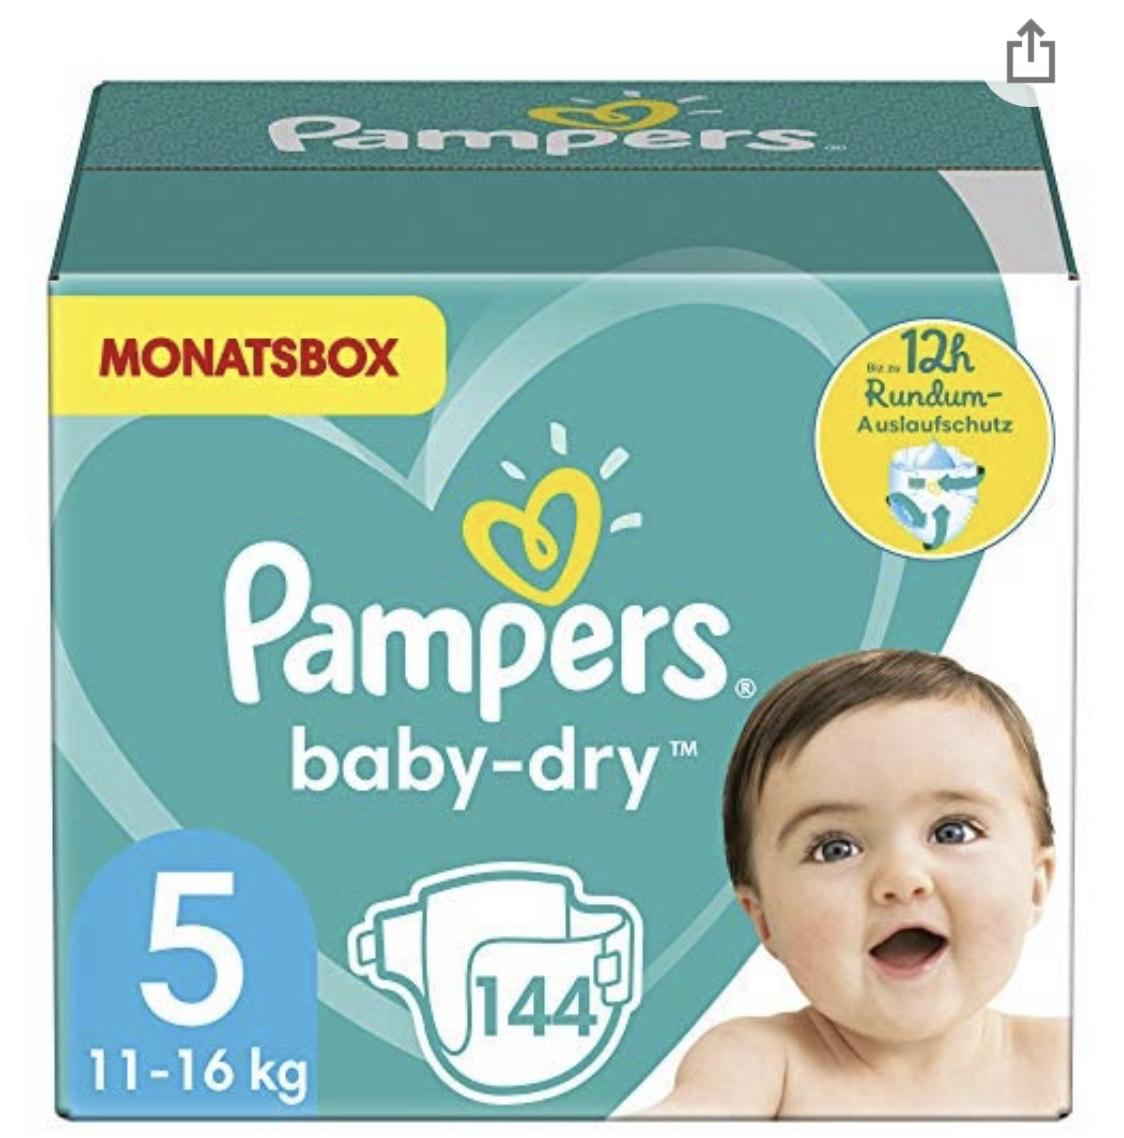 Pampers Windeln Baby-Dry Größe 5 Monatsbox (personalisierter Gutschein)